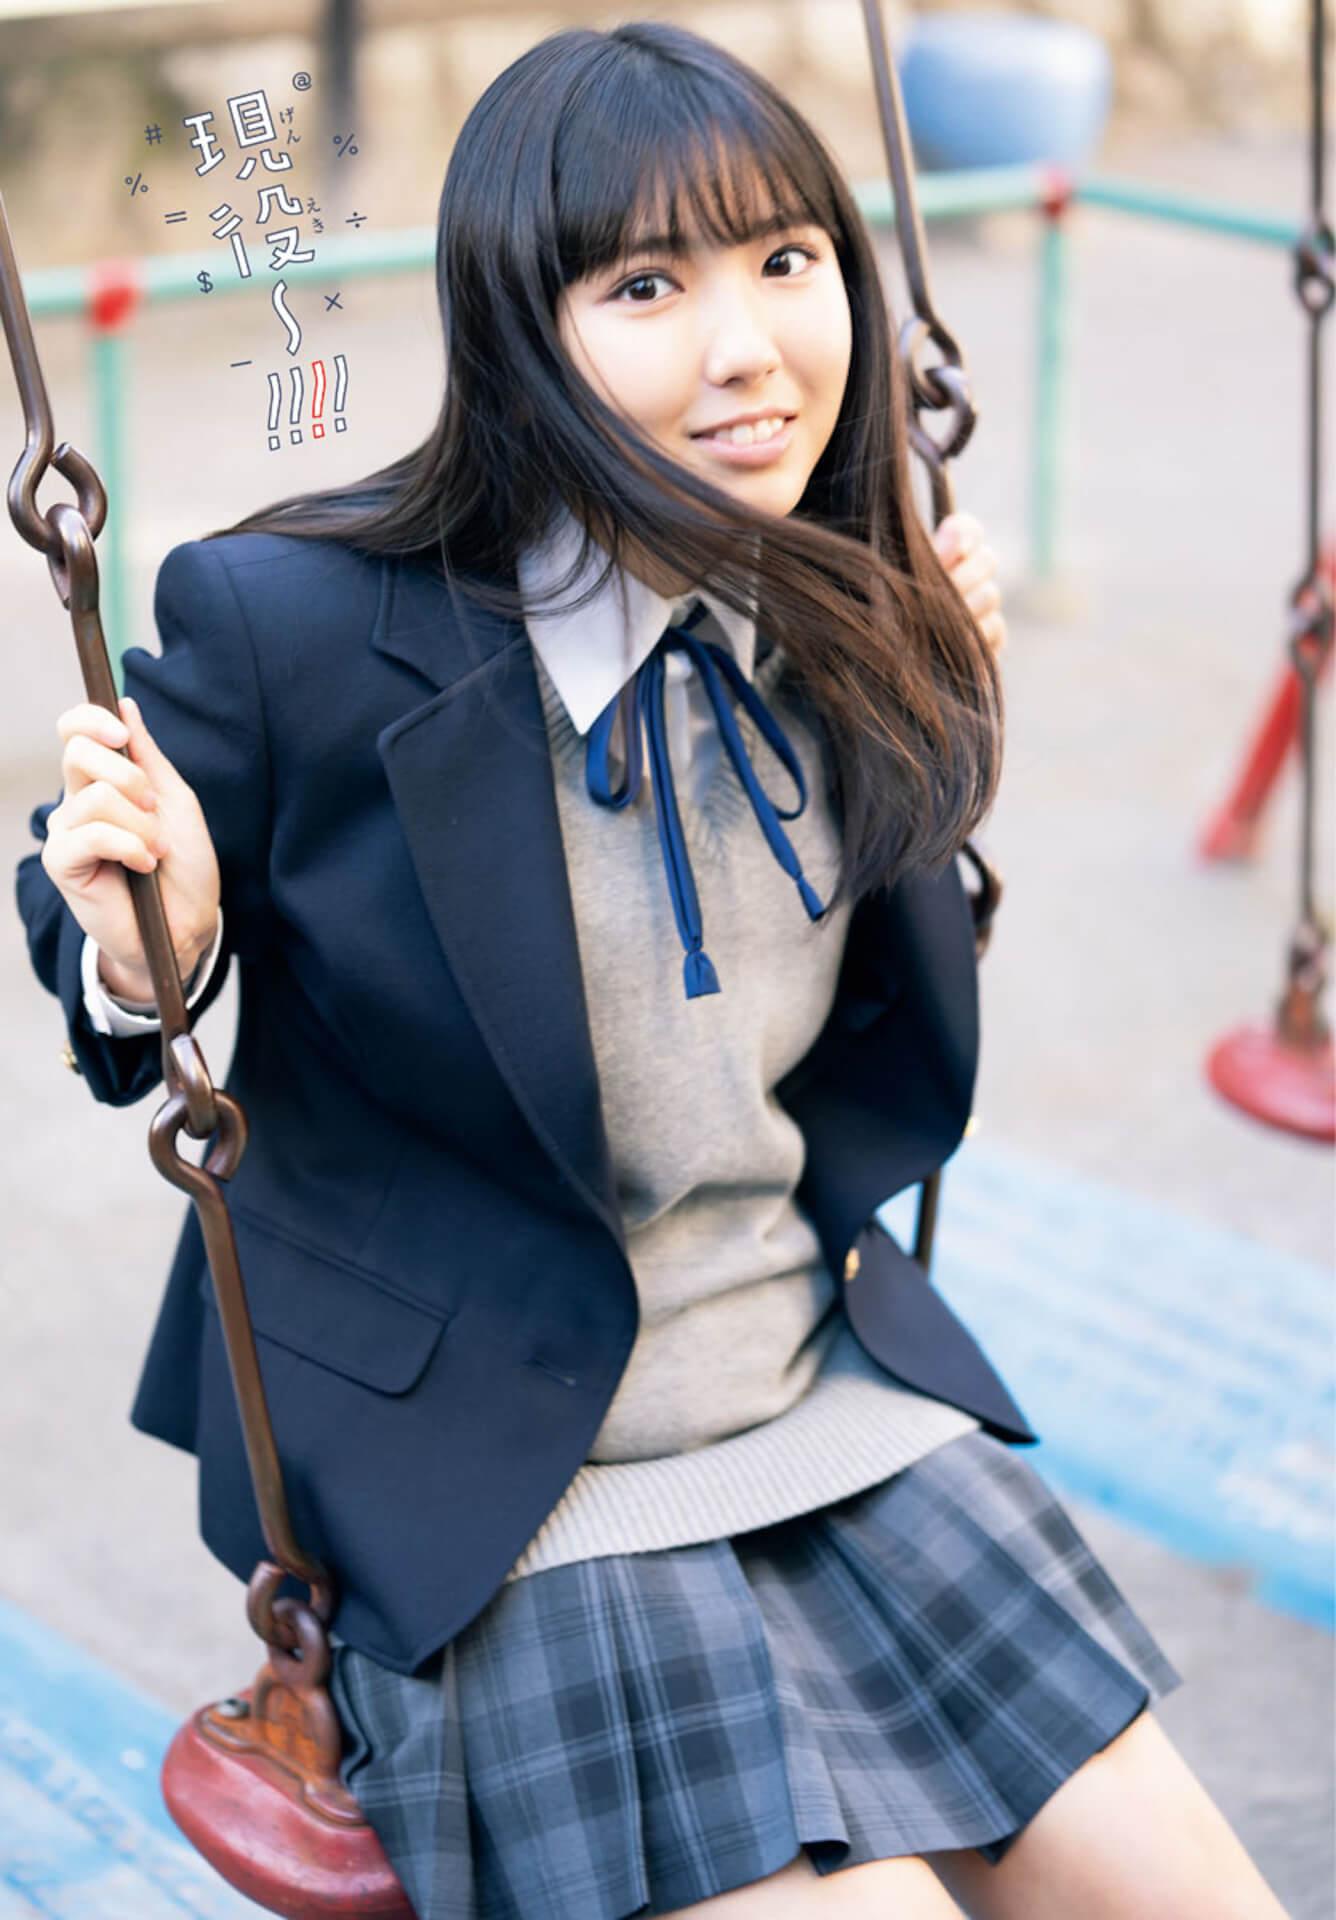 16歳にしてこのカーヴィーボディ!女子高生沢口愛華が『週刊少年チャンピオン』表紙&巻頭グラビアに登場 art200213_sawaguchiaika_2